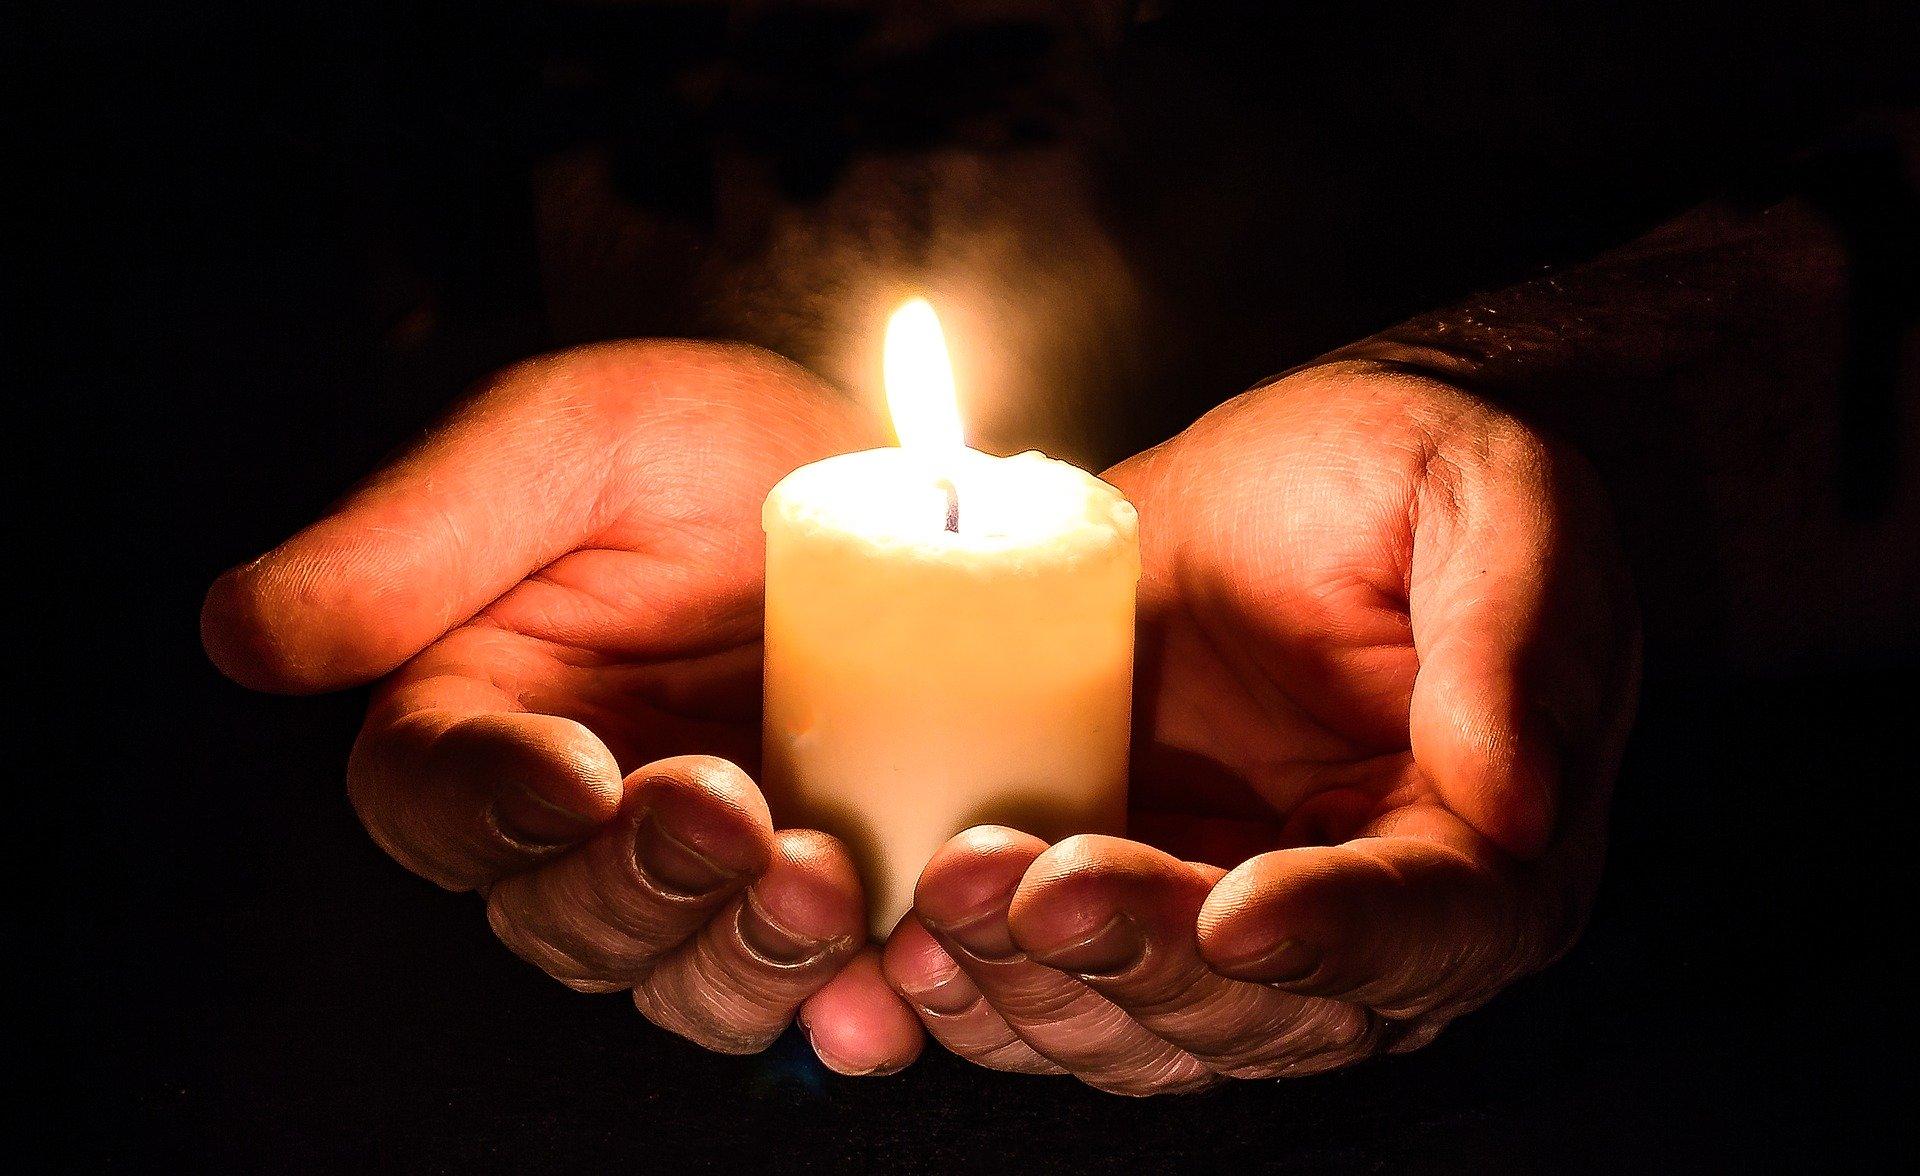 Tummalla taustalla kämmenet, joiden päällä on kynttilä jossa palaa tuli